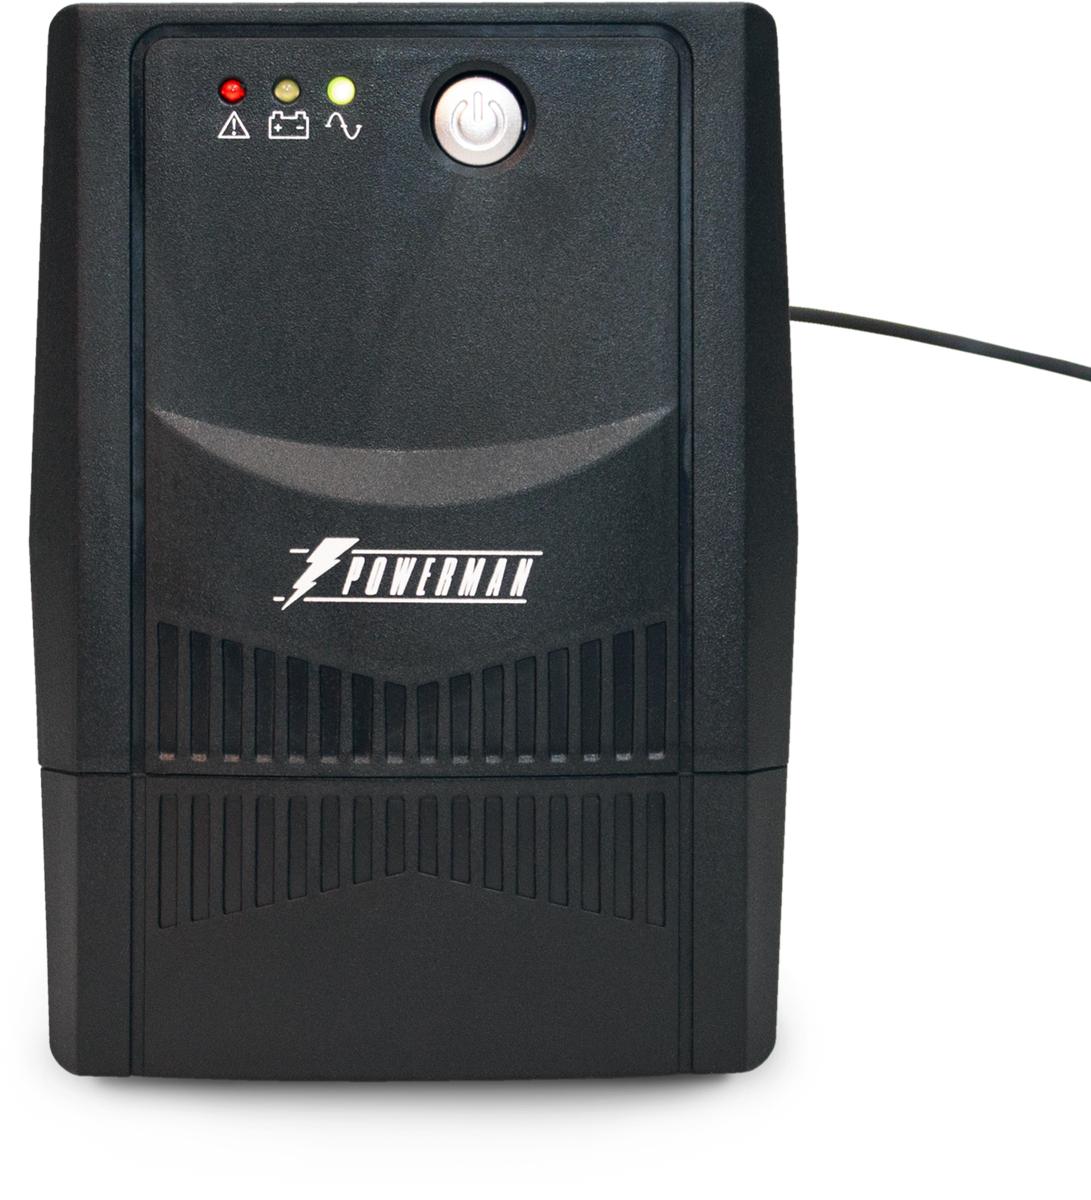 Источник бесперебойного питания Powerman  UPS Вack Pro 600 Plus , 600 ВА - Источники бесперебойного питания (UPS)